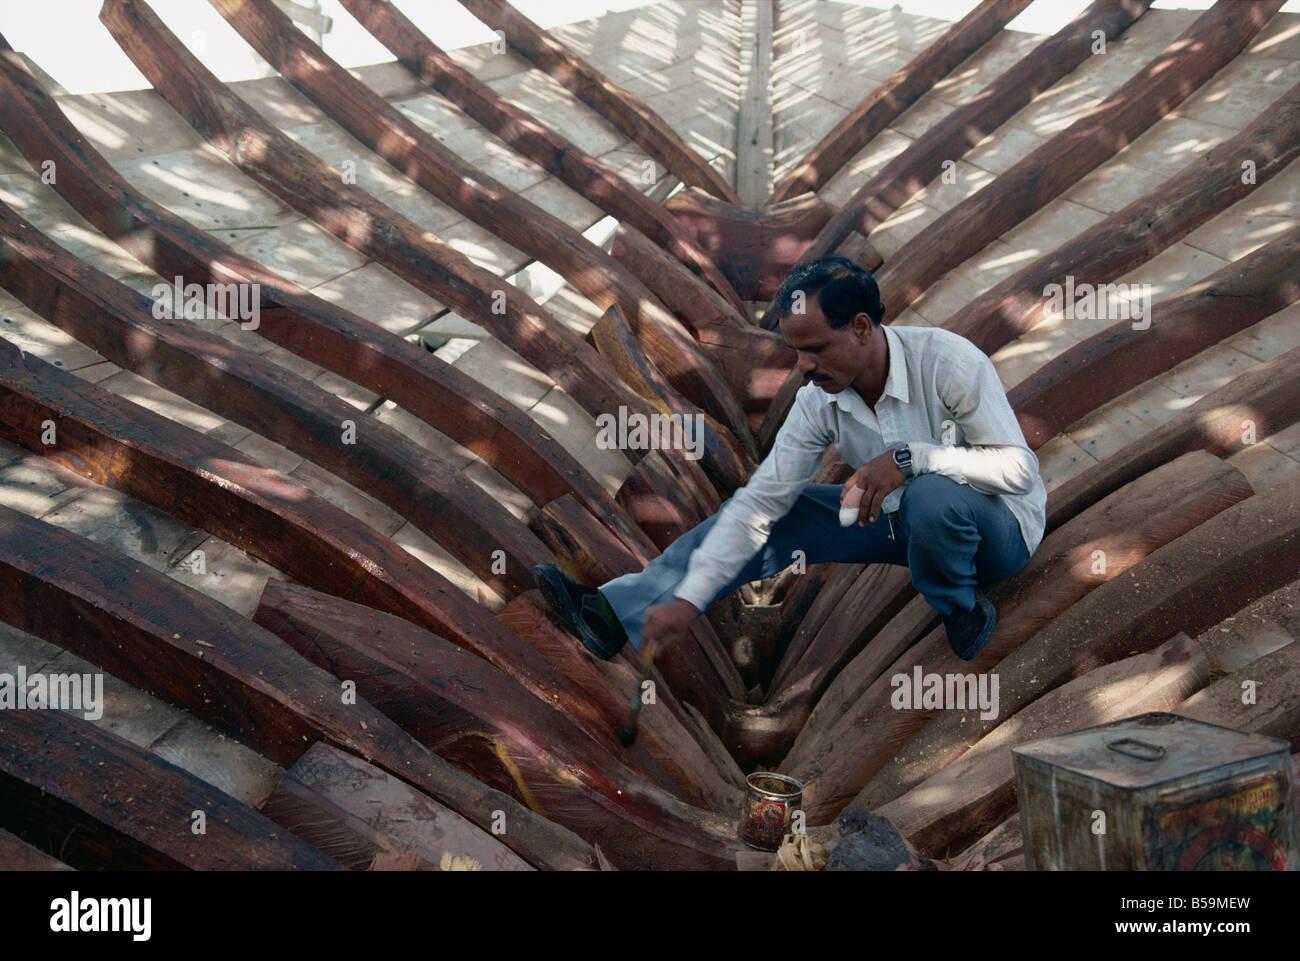 La construction de boutres, Manama, Bahreïn, Moyen-Orient Photo Stock